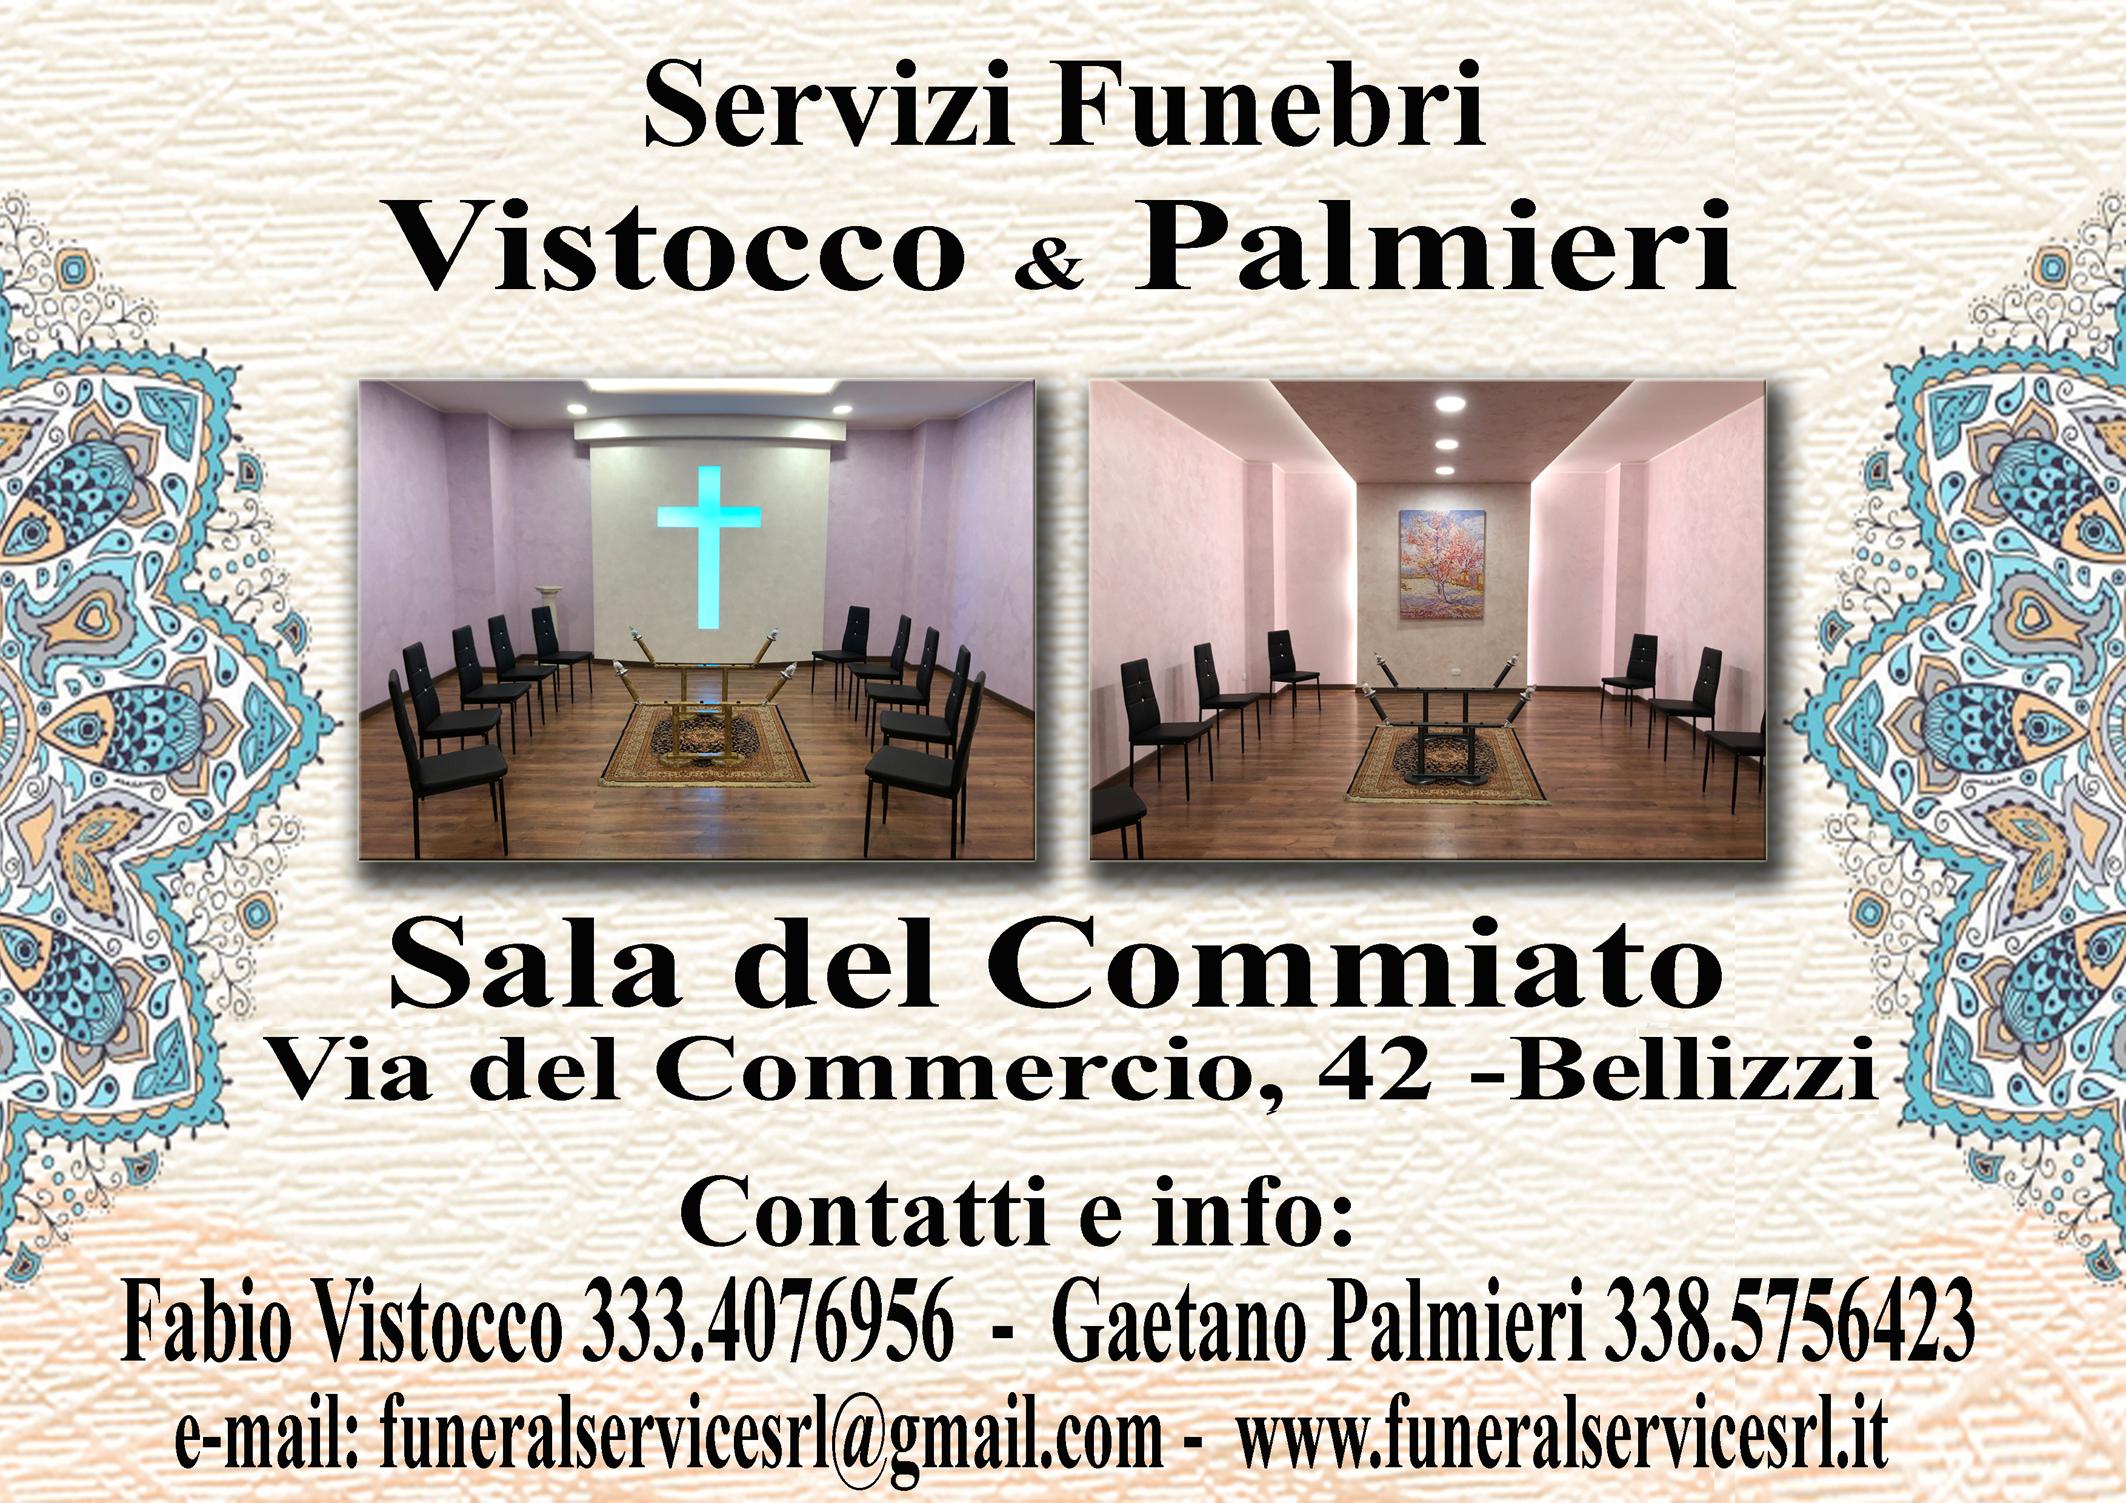 http://www.funeralservicesrl.it/wp-content/uploads/2020/02/Sala-del-commiato-PER-SITO.jpg